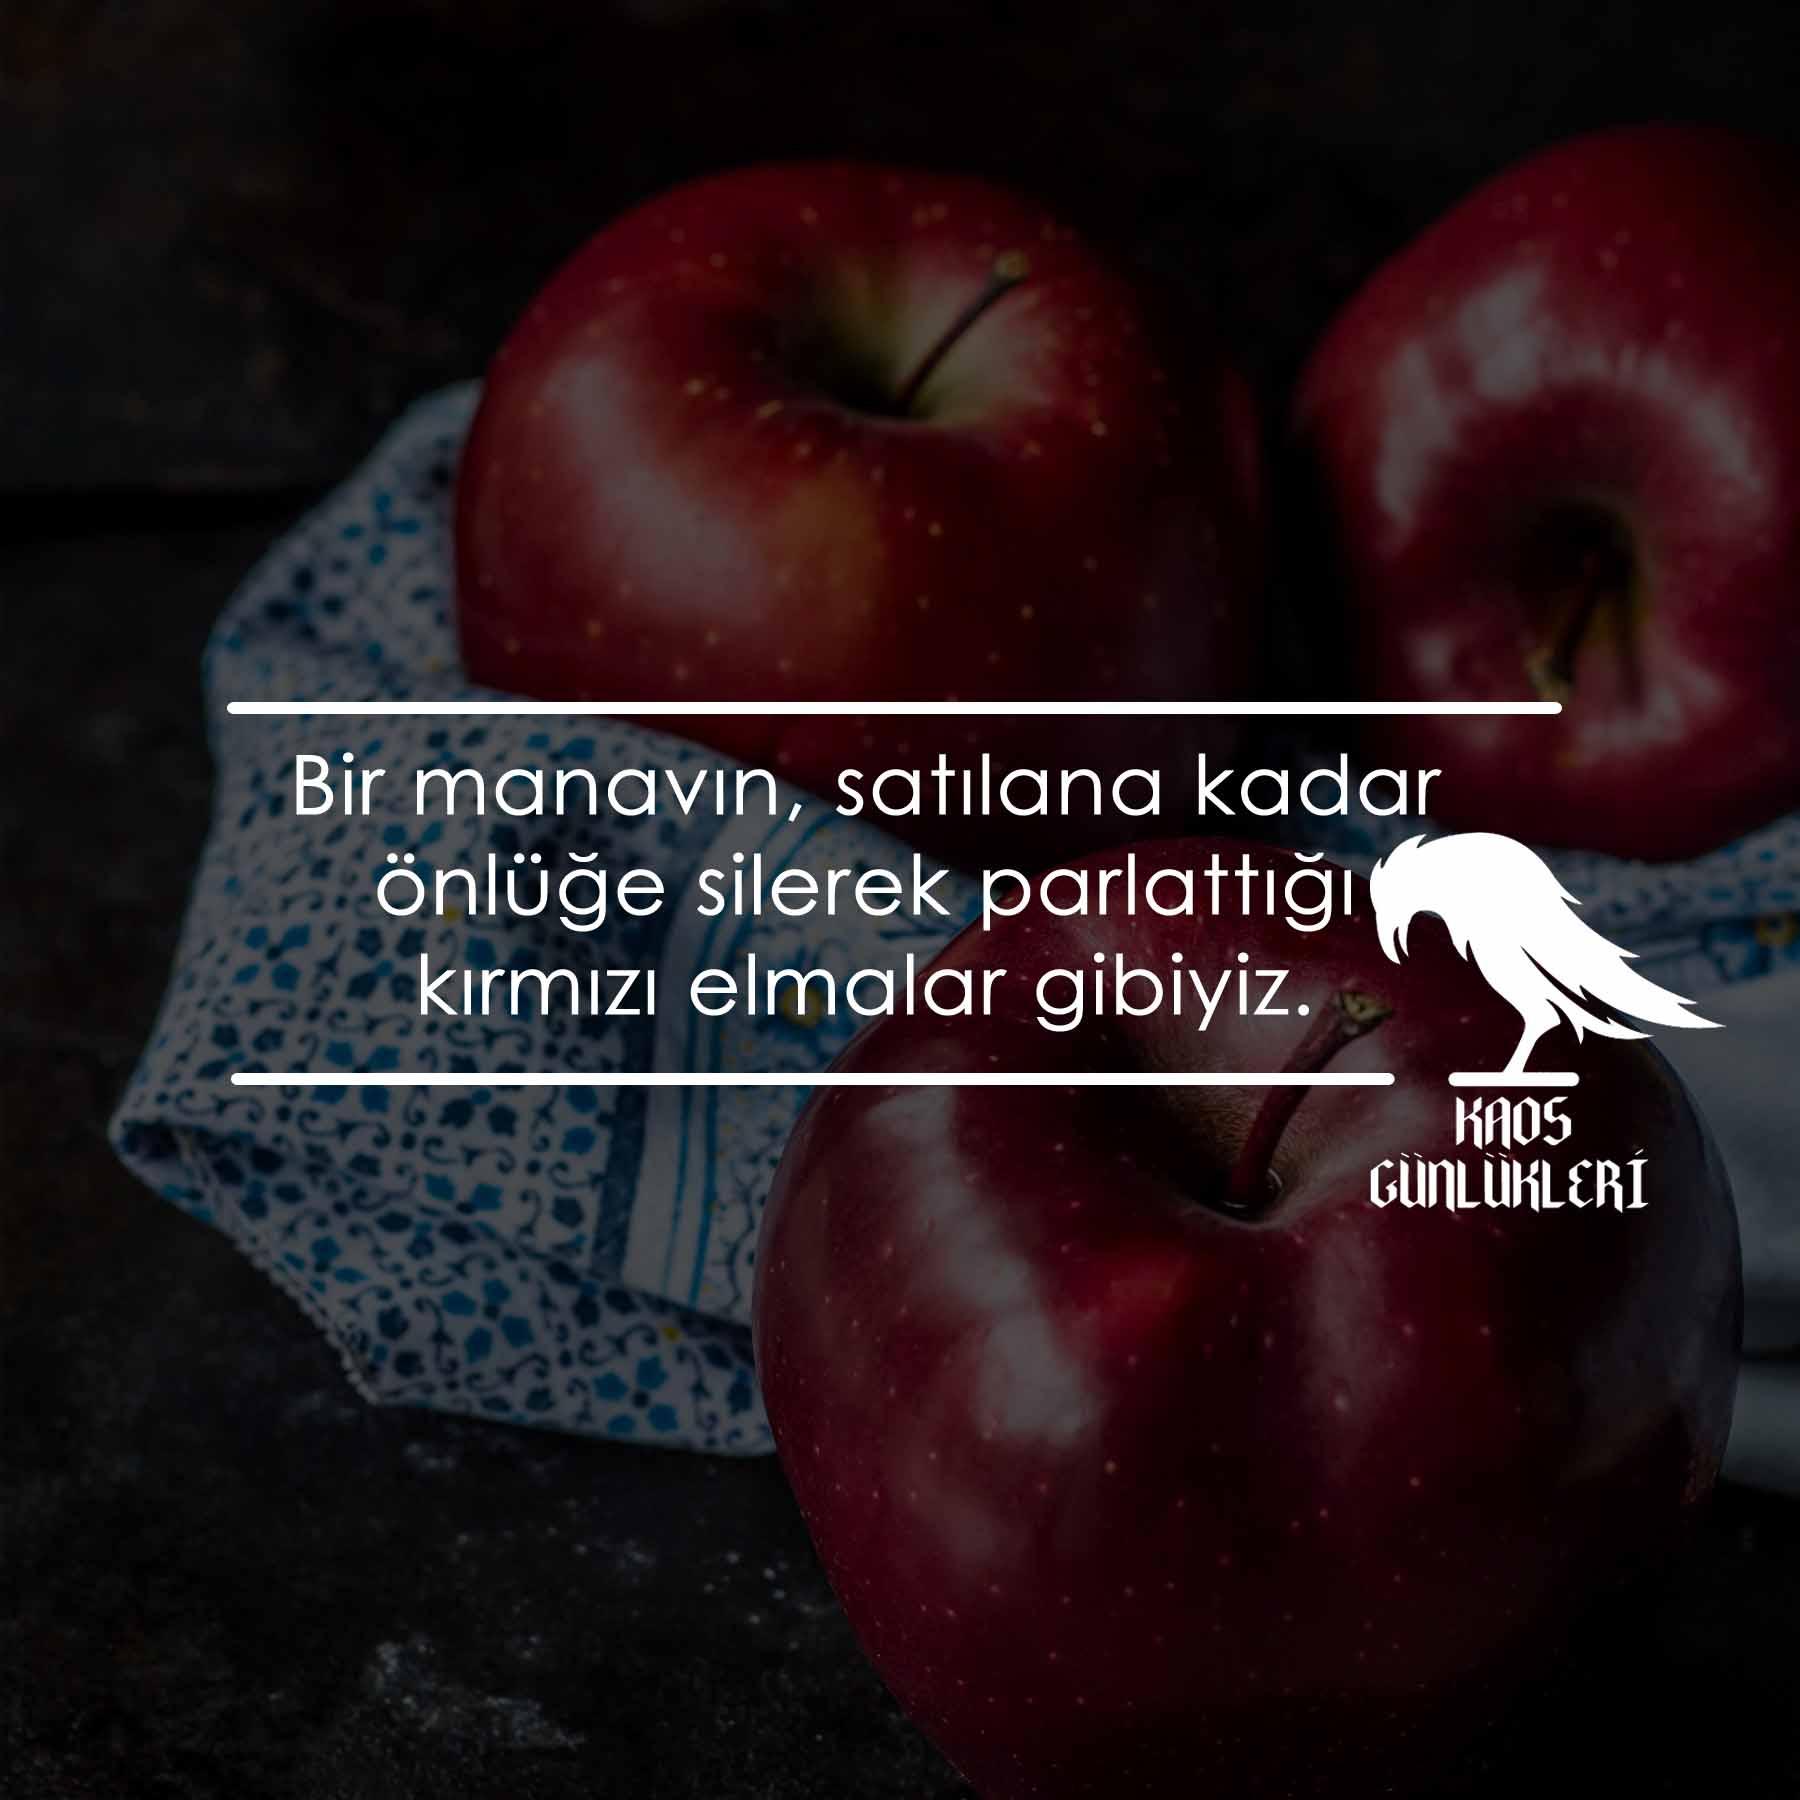 kırmızı elmalar